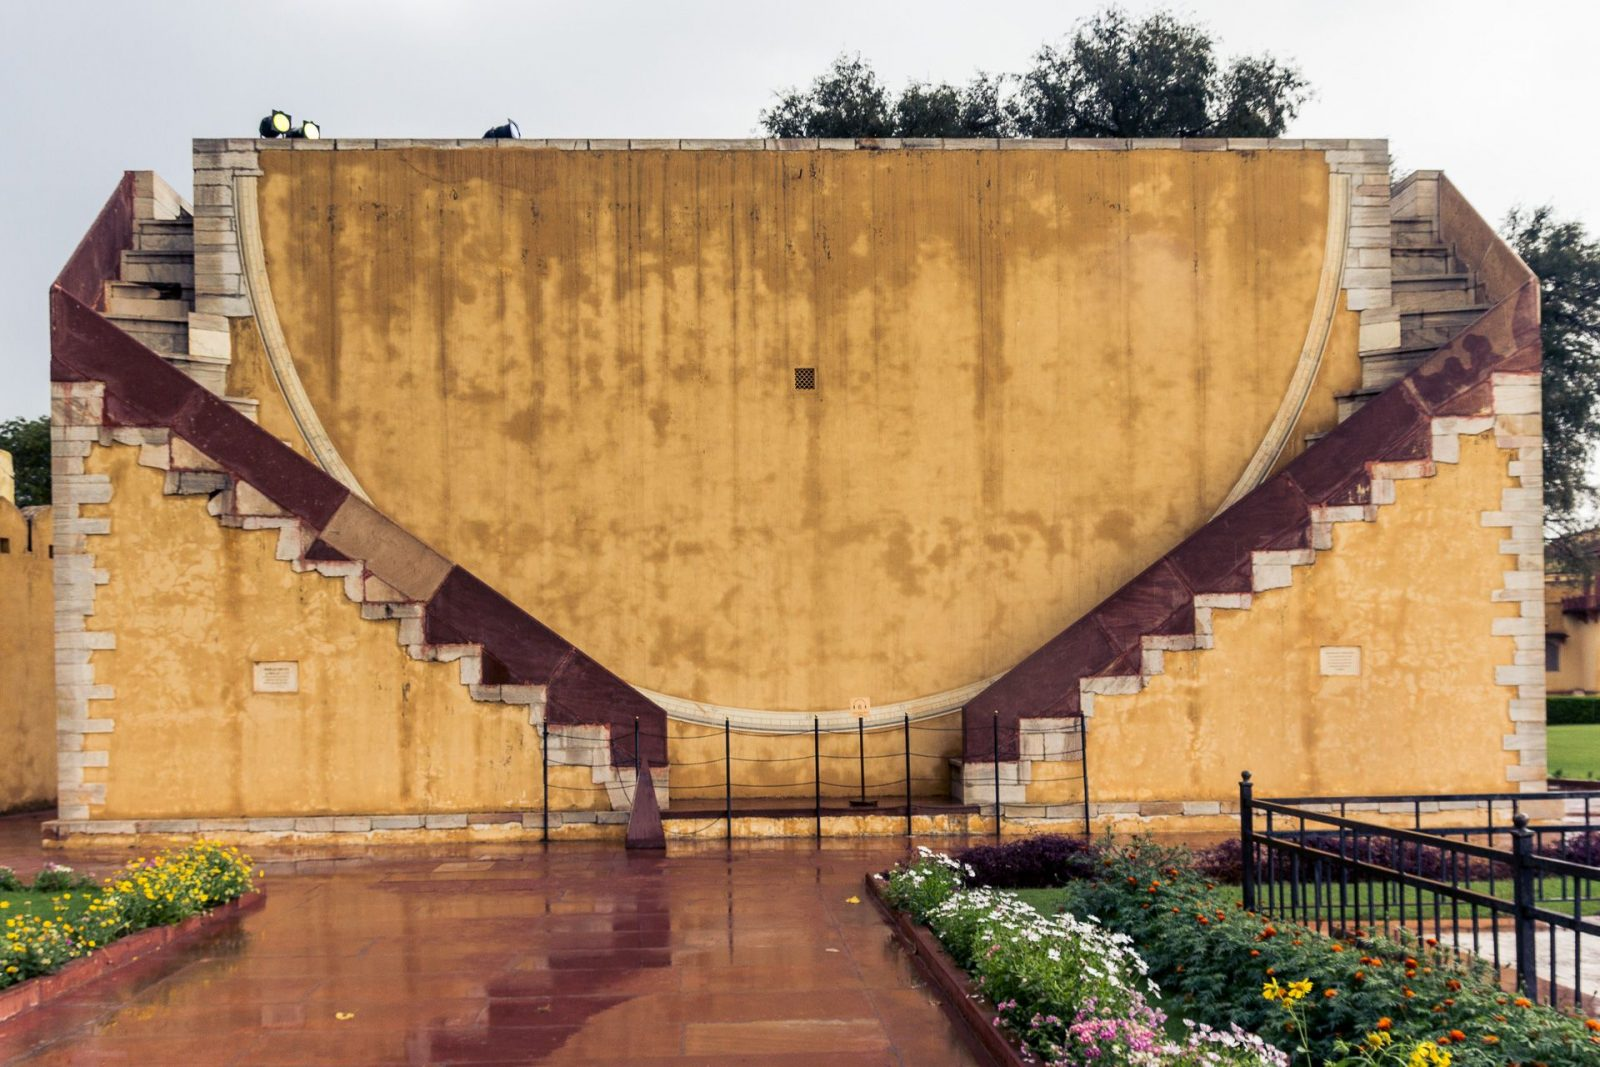 Dakshin Bhitti Yantra – zeď postavená v severo-jižním směru, s jejíž pomocí je možné měřit a pozorovat dráhy nebeských tělěs při průchodu meridiánem (= oblouk klenoucí se nad hlavou porozujícího, vedoucí ze severu na jih).